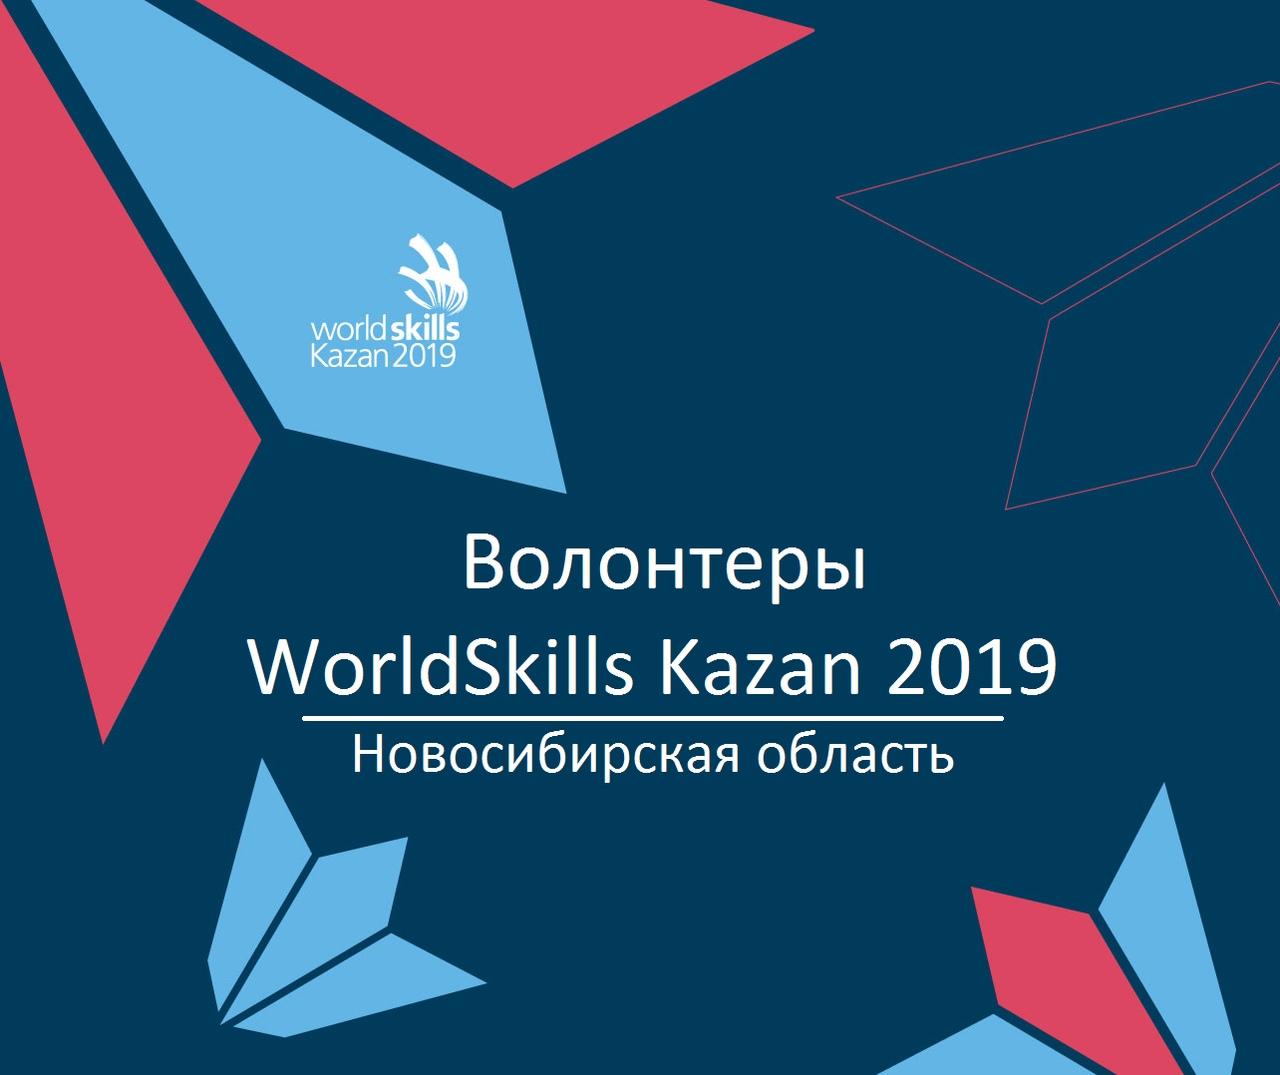 Афиша Новосибирск Волонтеры WorldSkills 2019 Новосибирская область